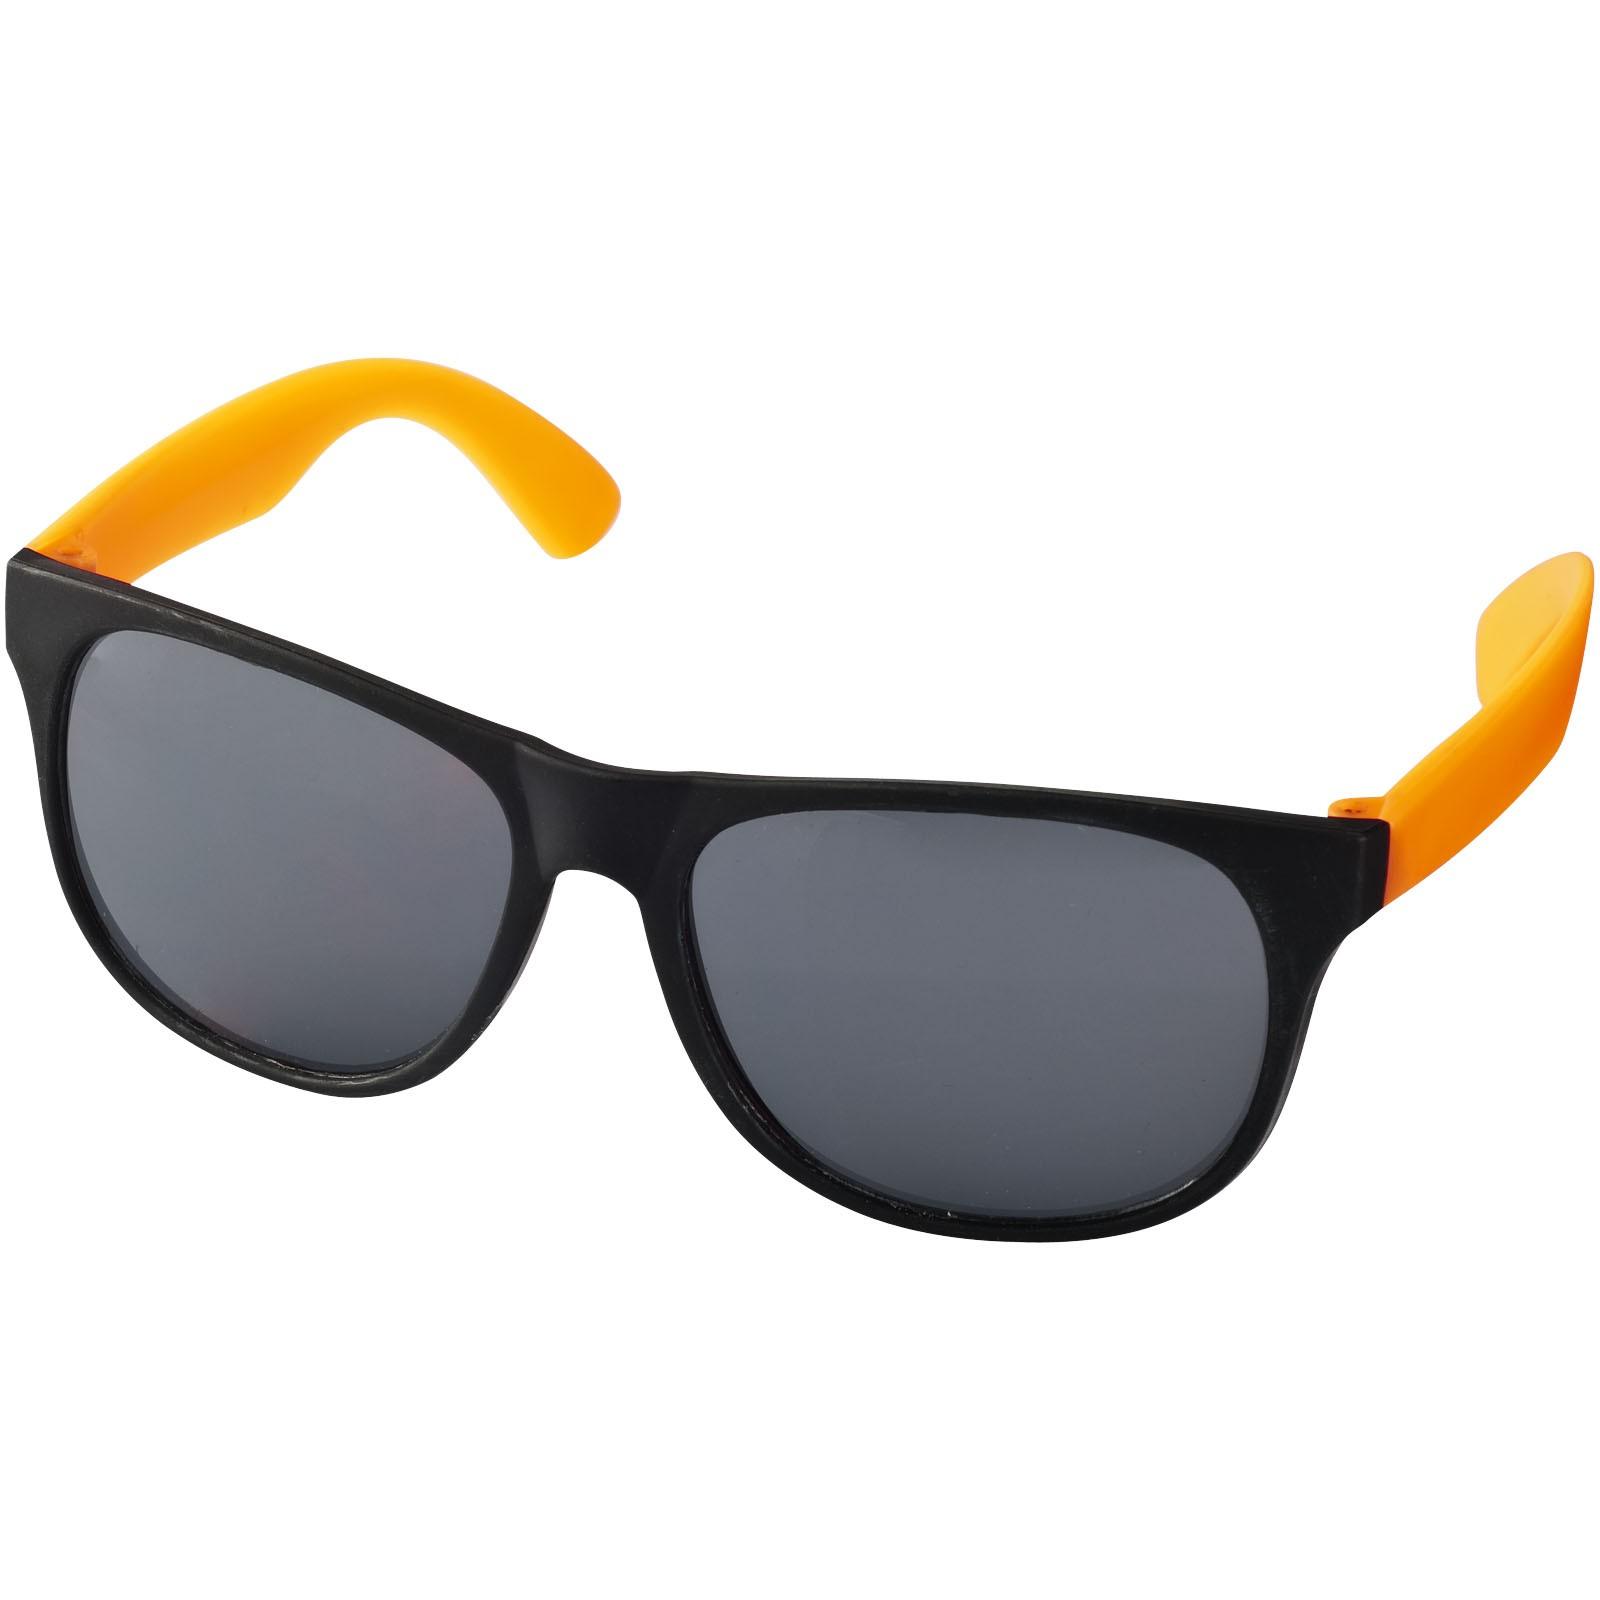 Dvoubarevné sluneční brýle Retro - Neonově oranžová / Černá